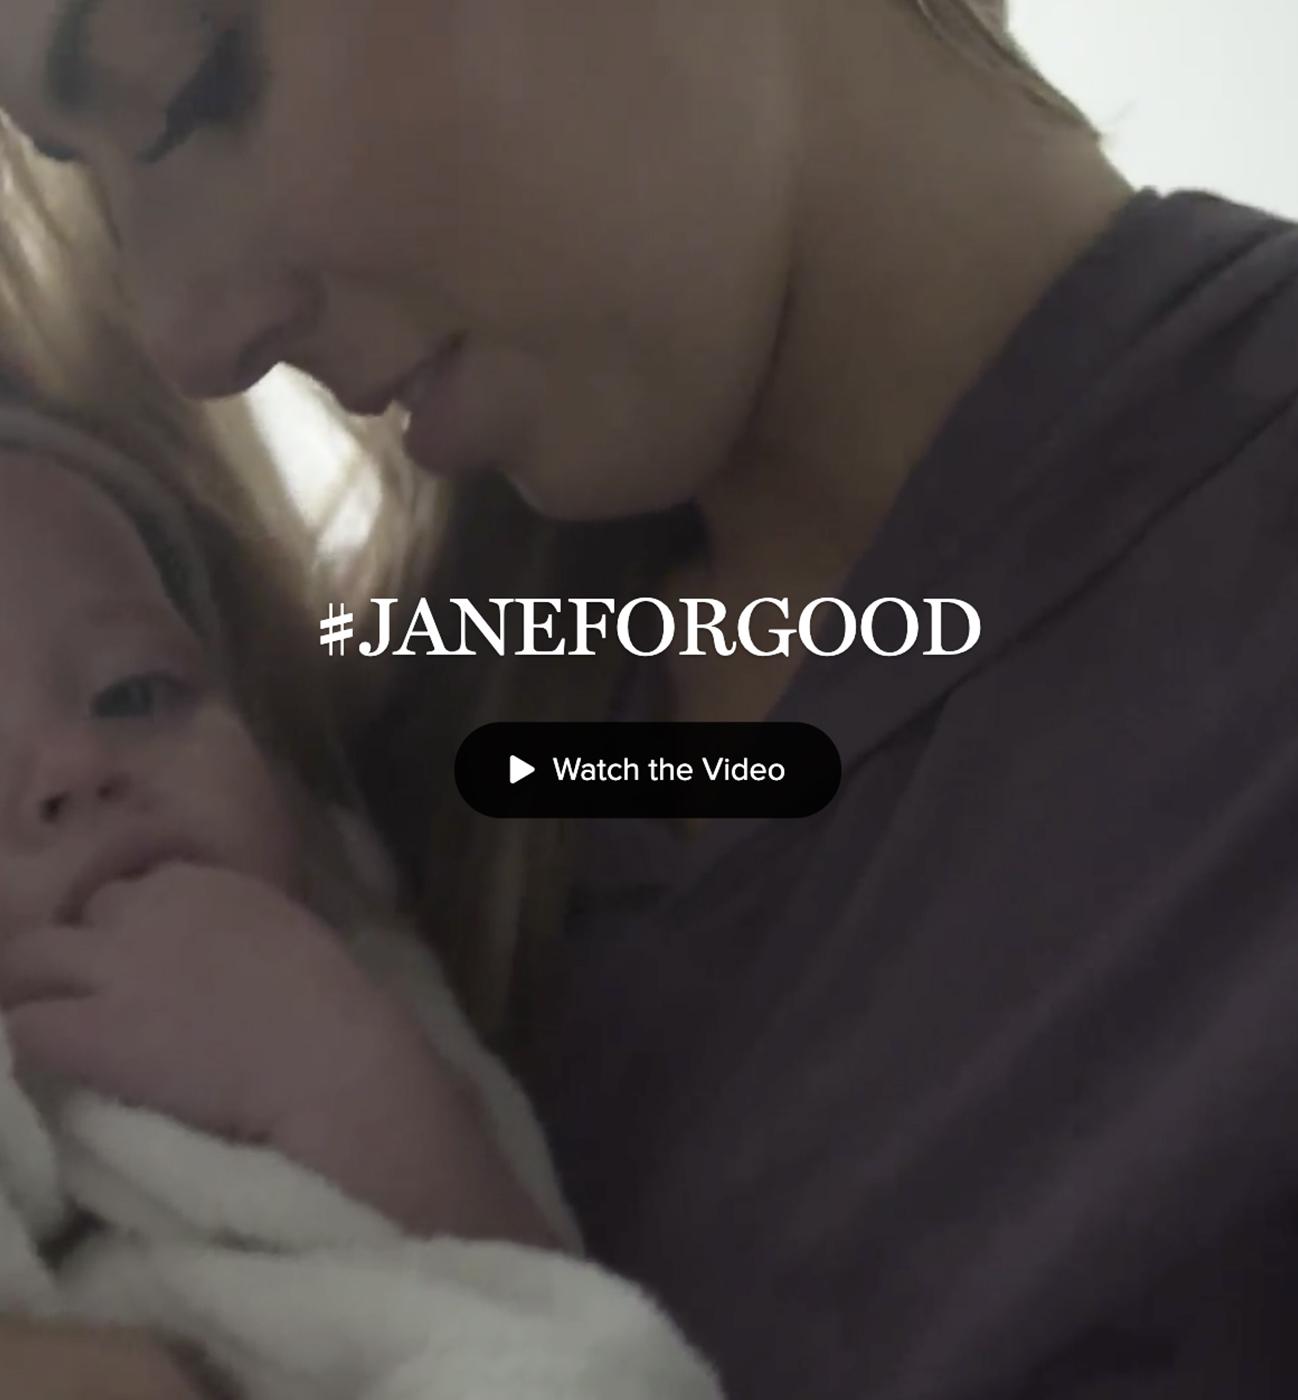 #JaneForGood